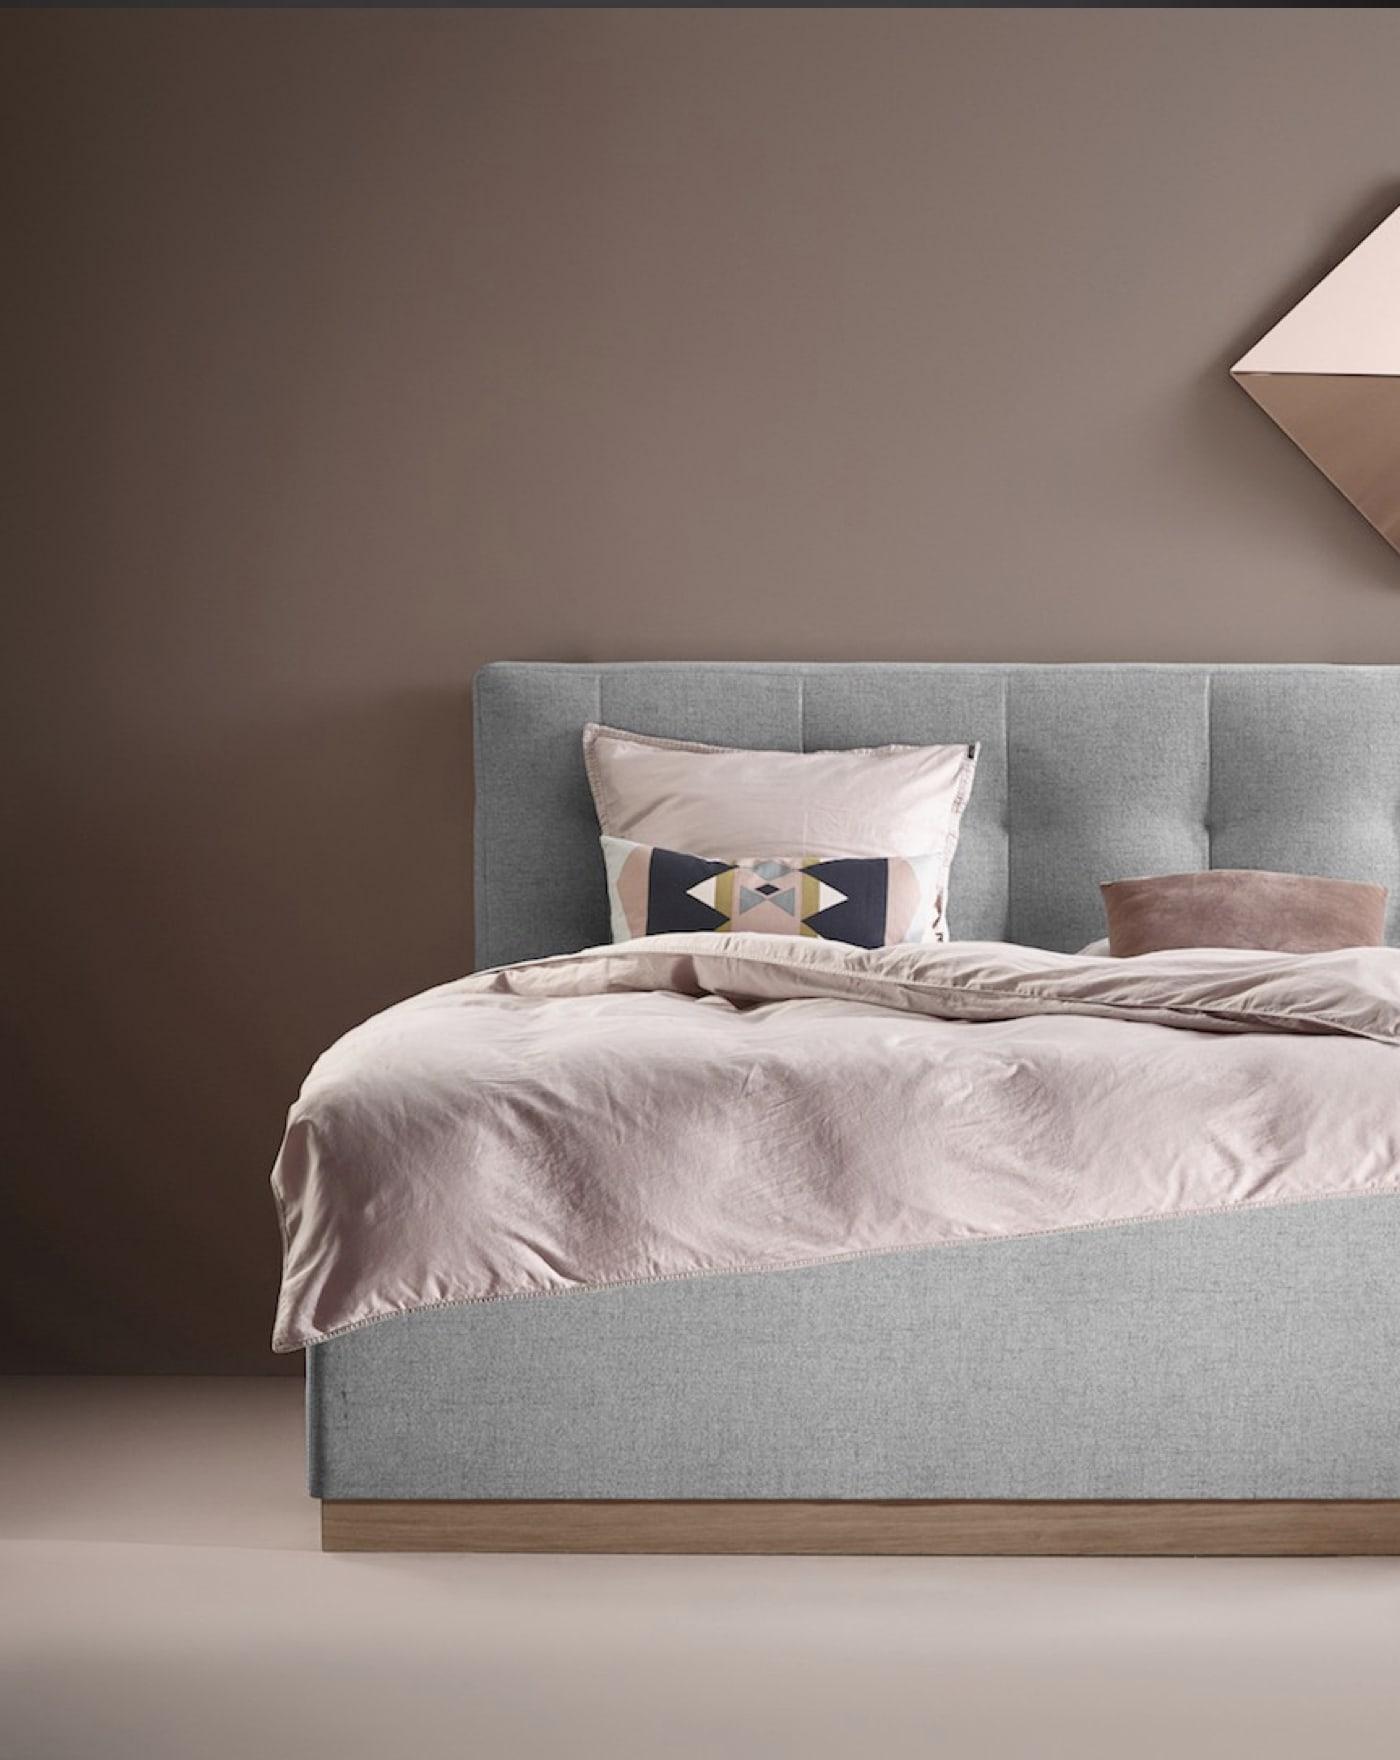 10_04_bedroom_Bedre Nætter magento website_by_basov_design_